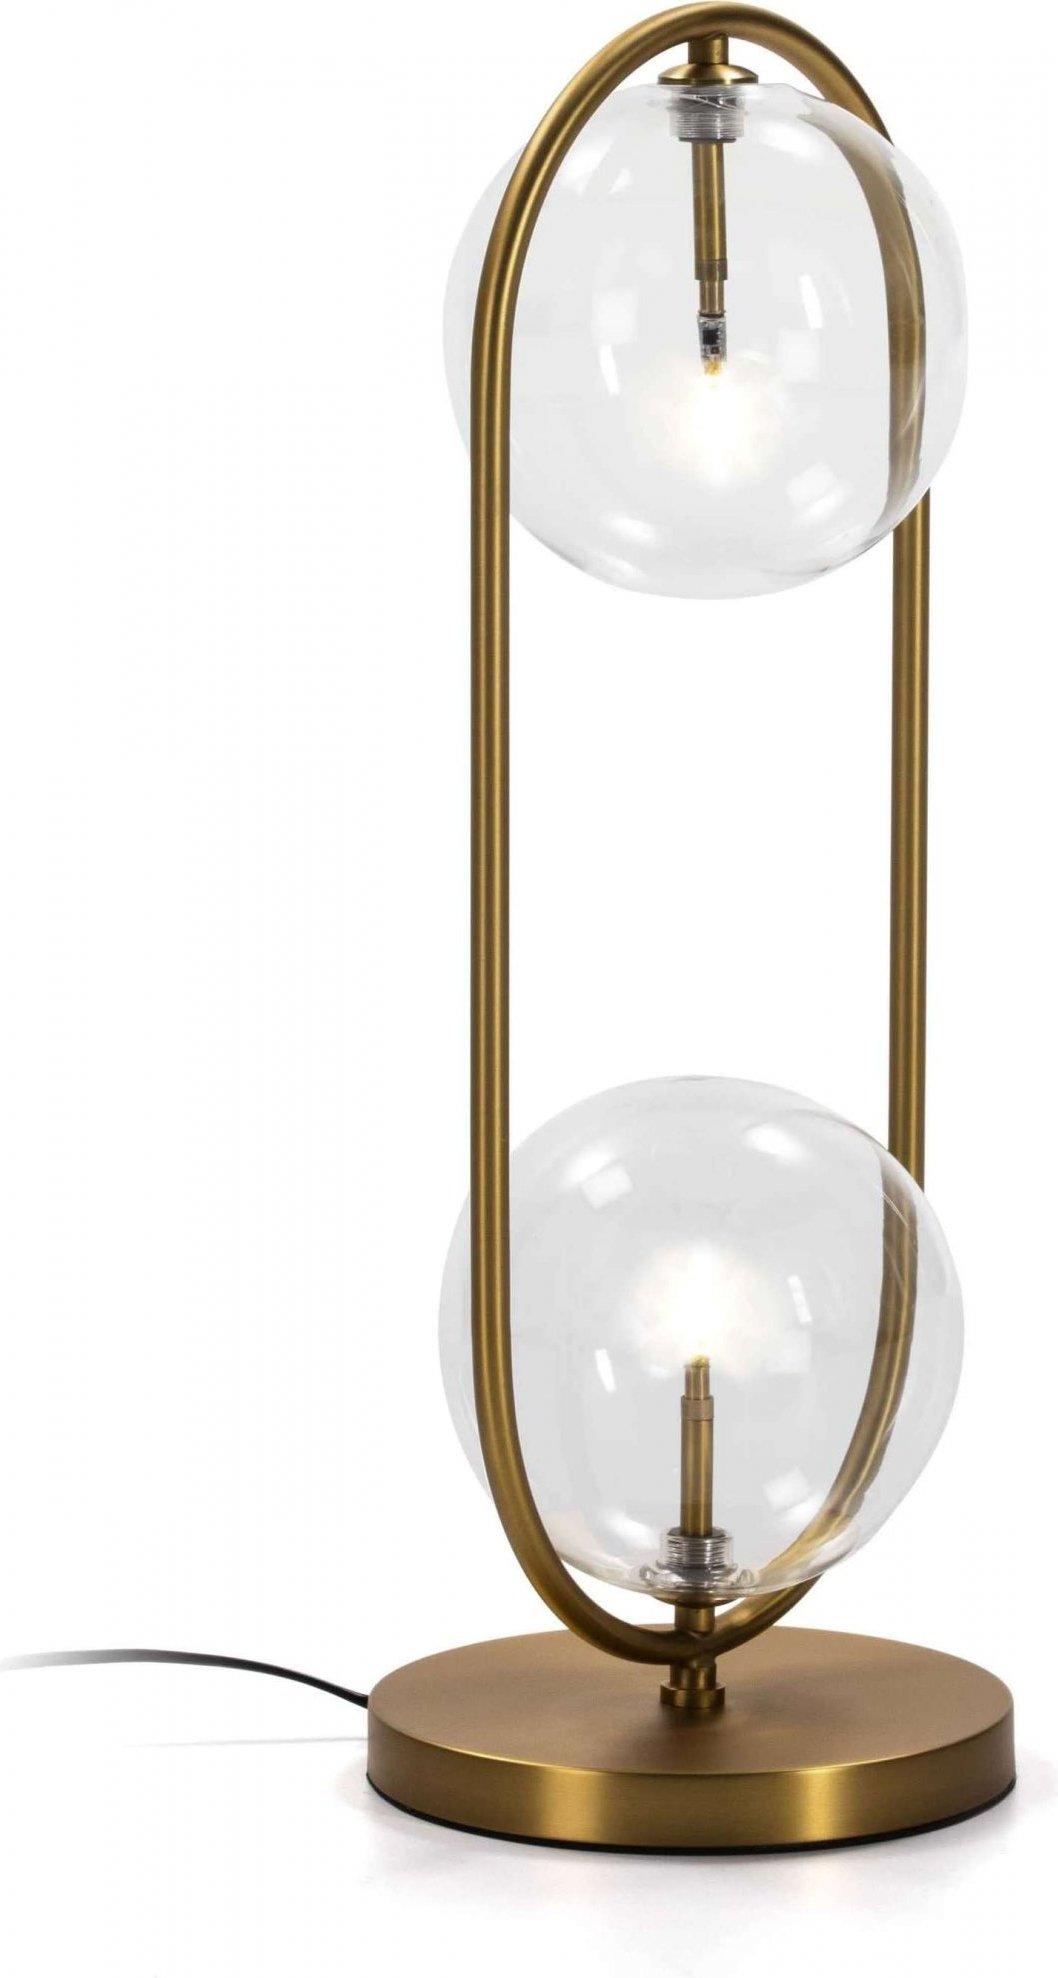 maison du monde Lampe de table design couleur dorée